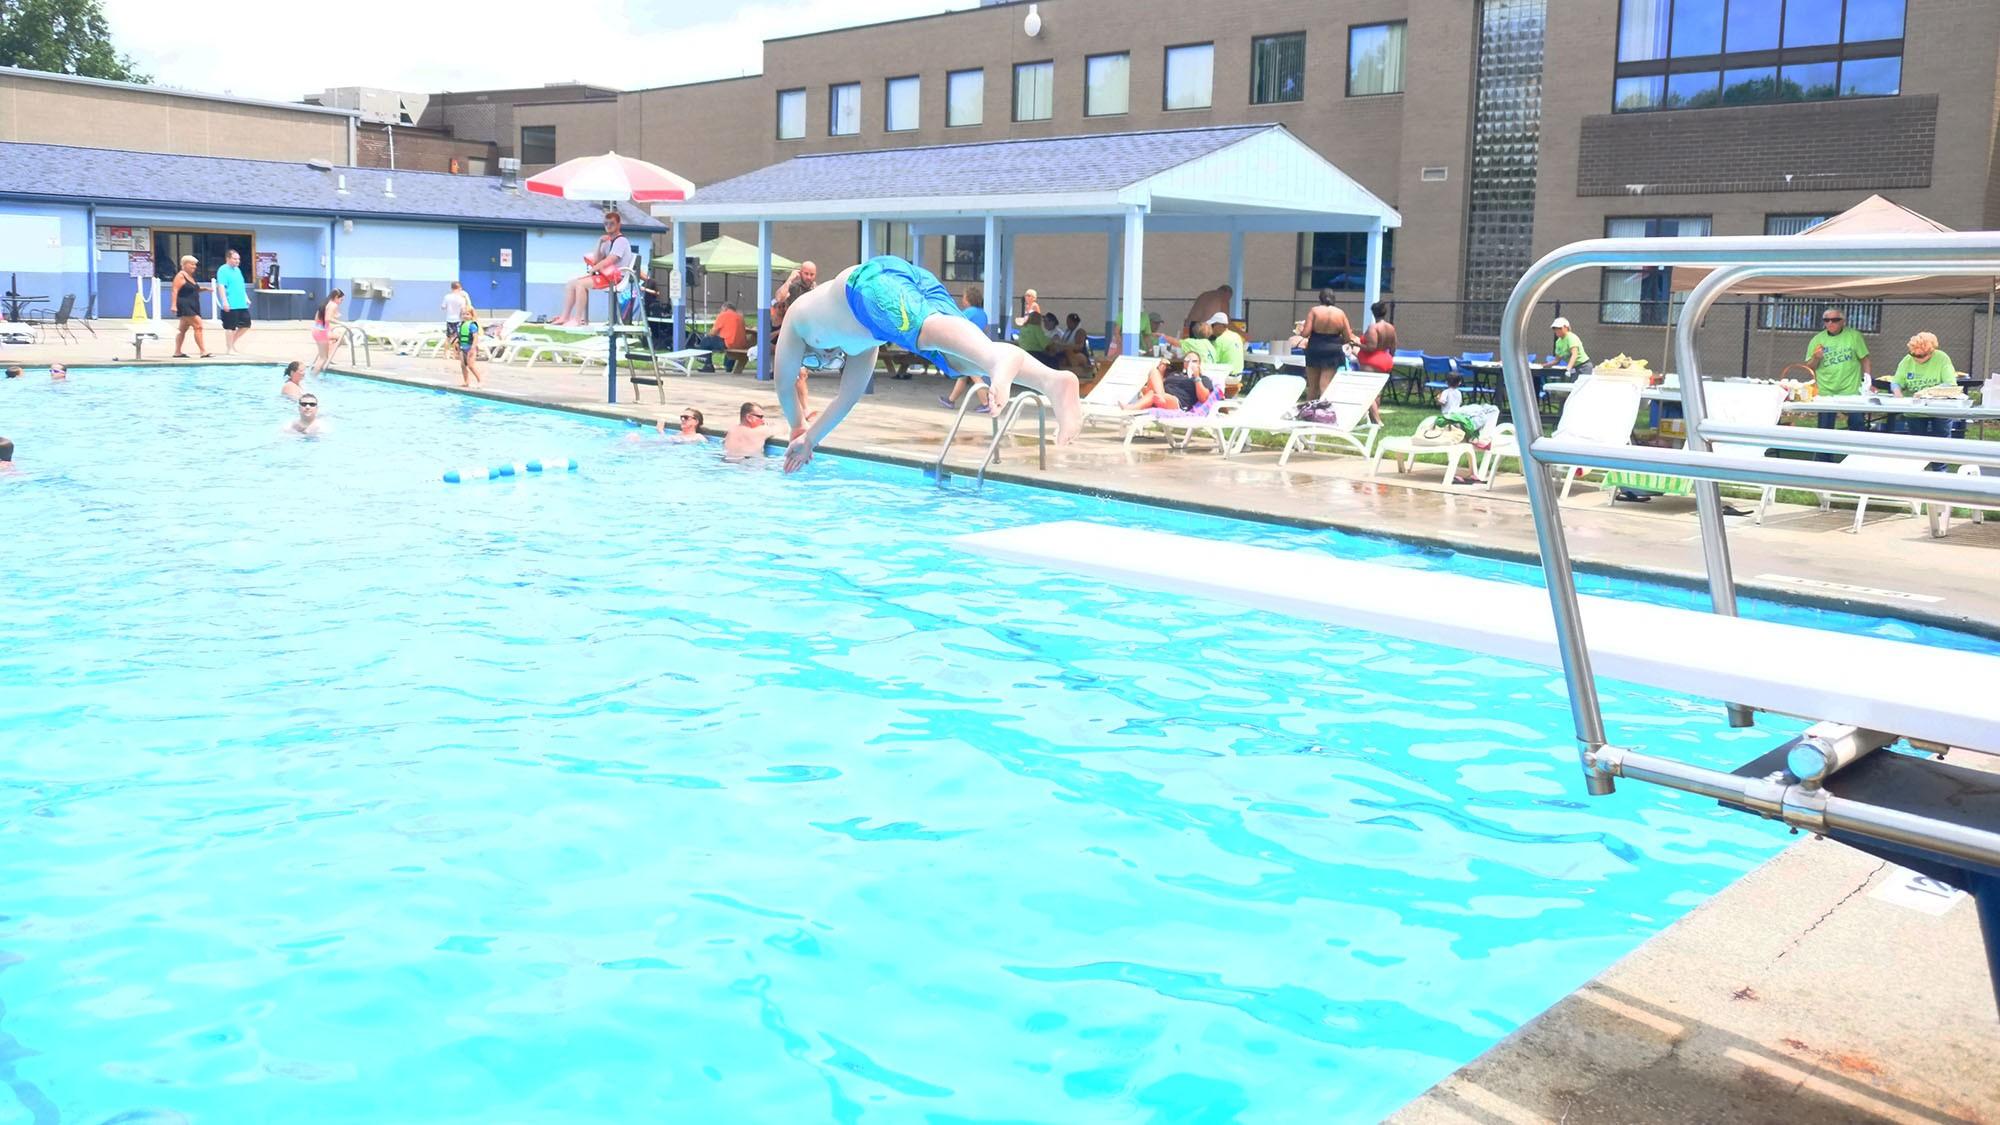 outdoor pool10.JPG